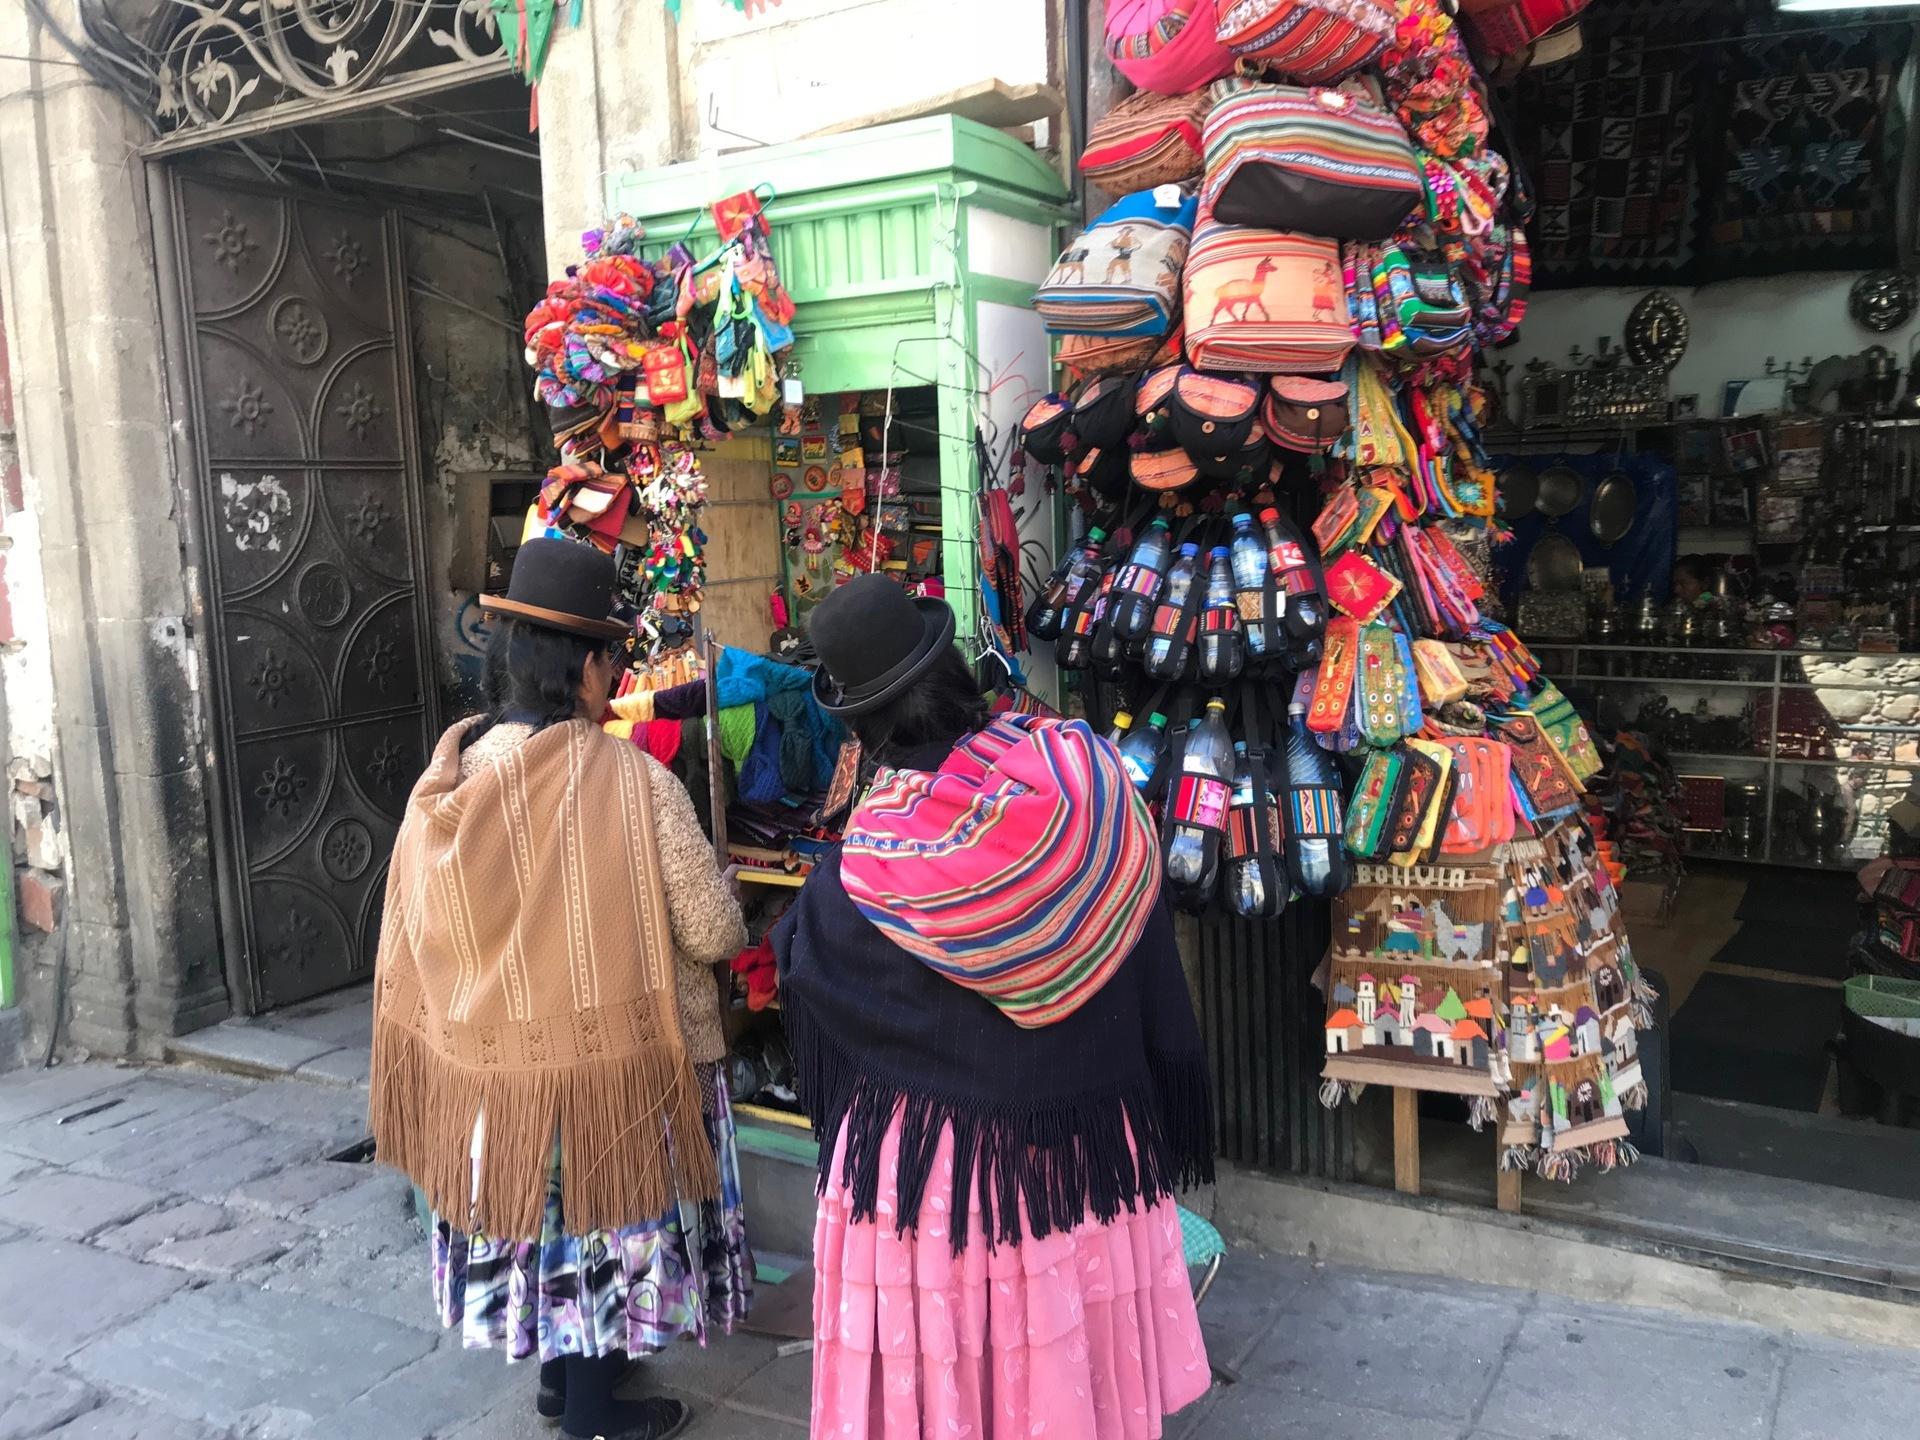 ボリビア先住民